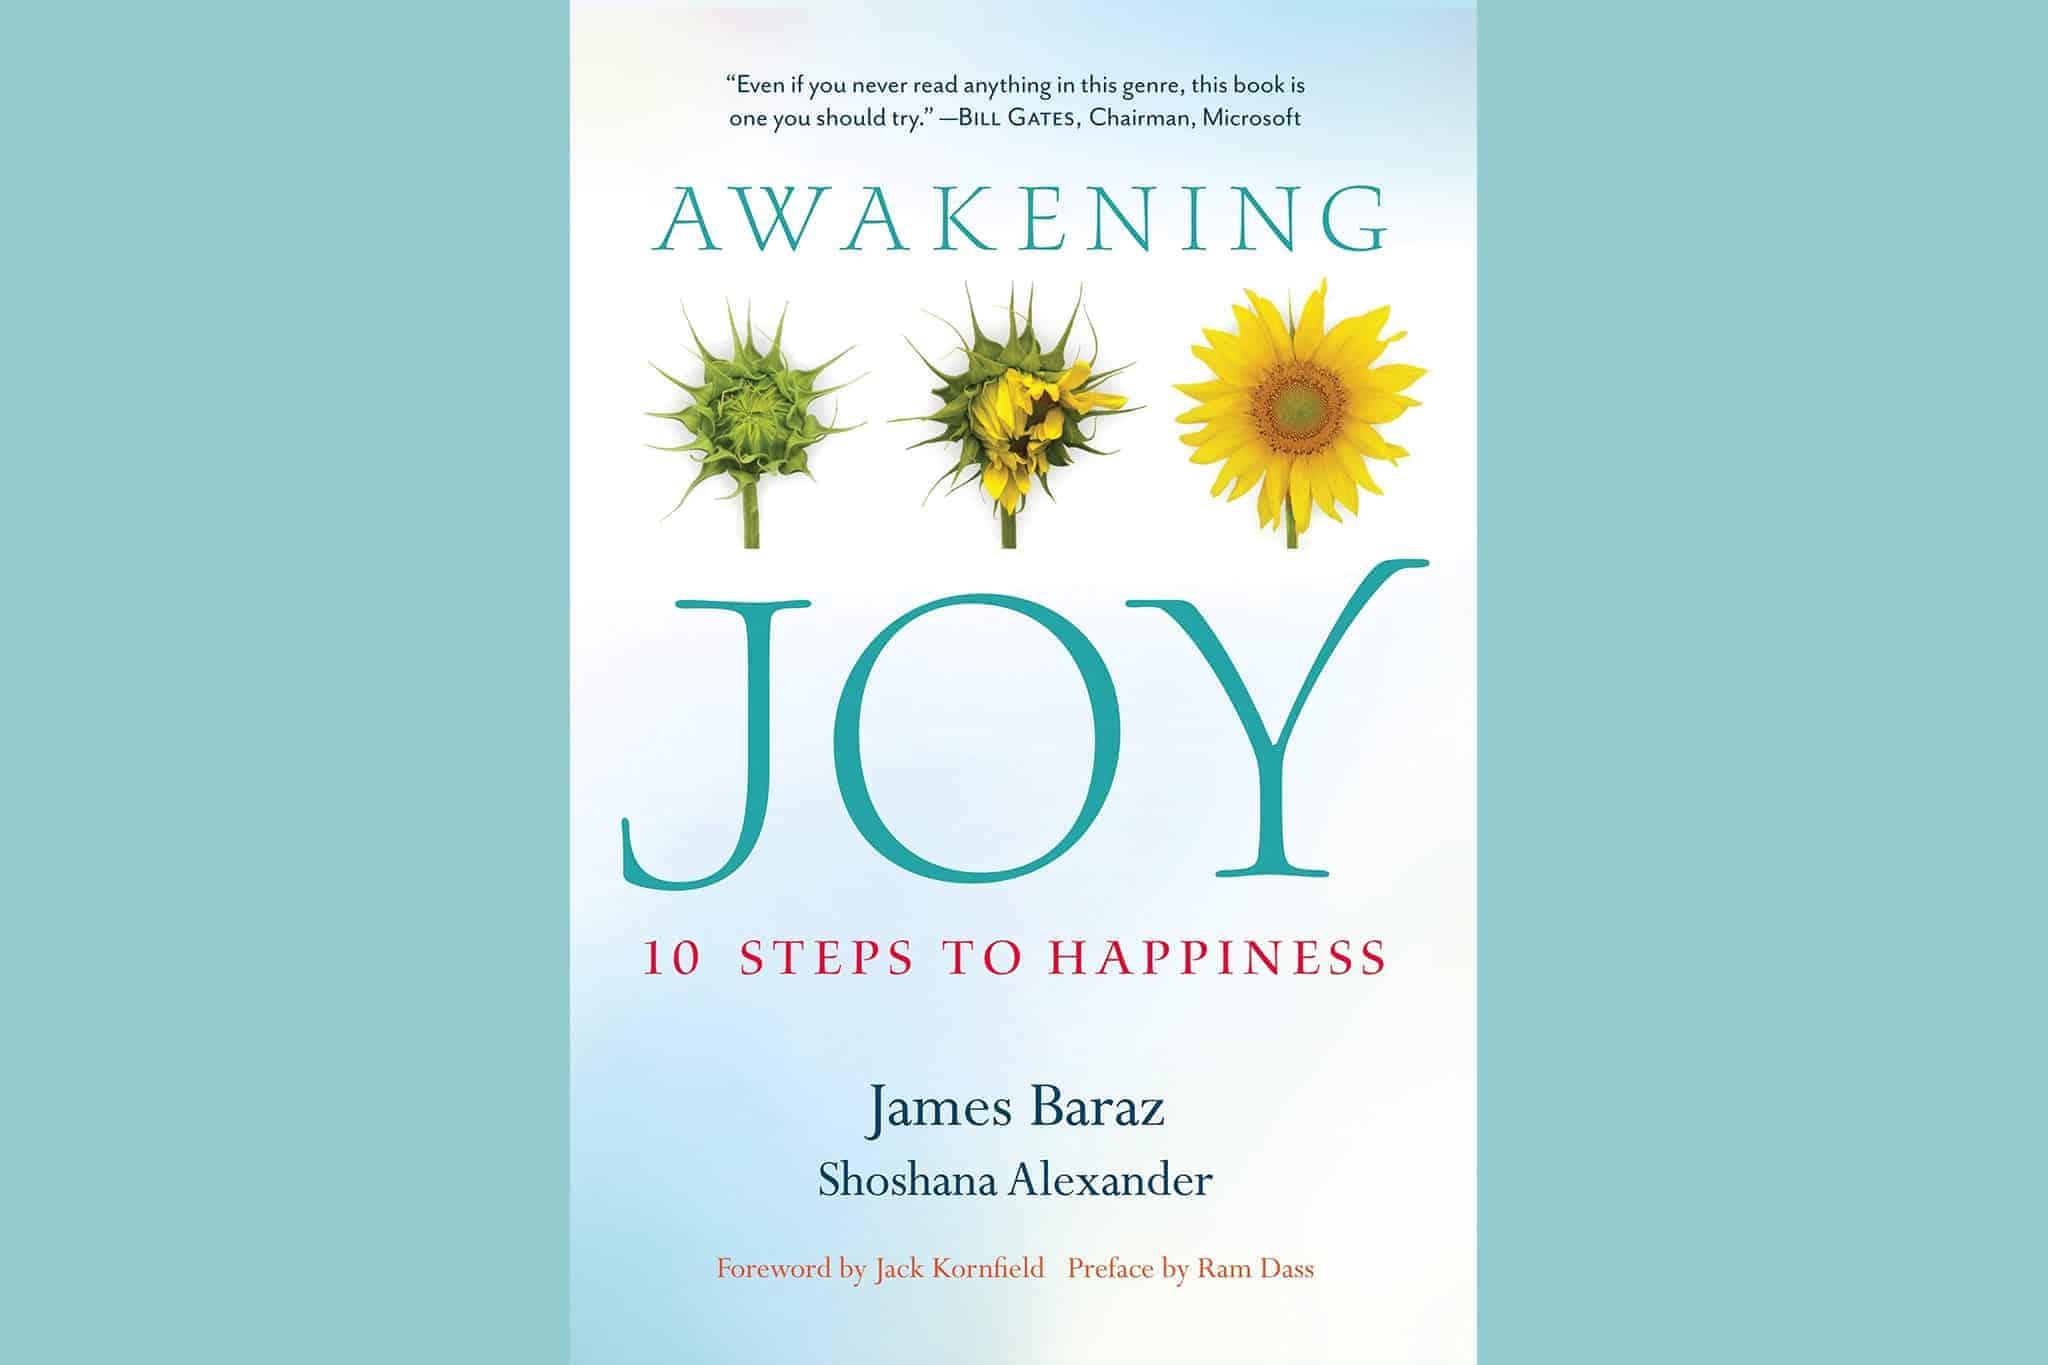 Awakening Joy 10 Steps To True Happiness By James Baraz